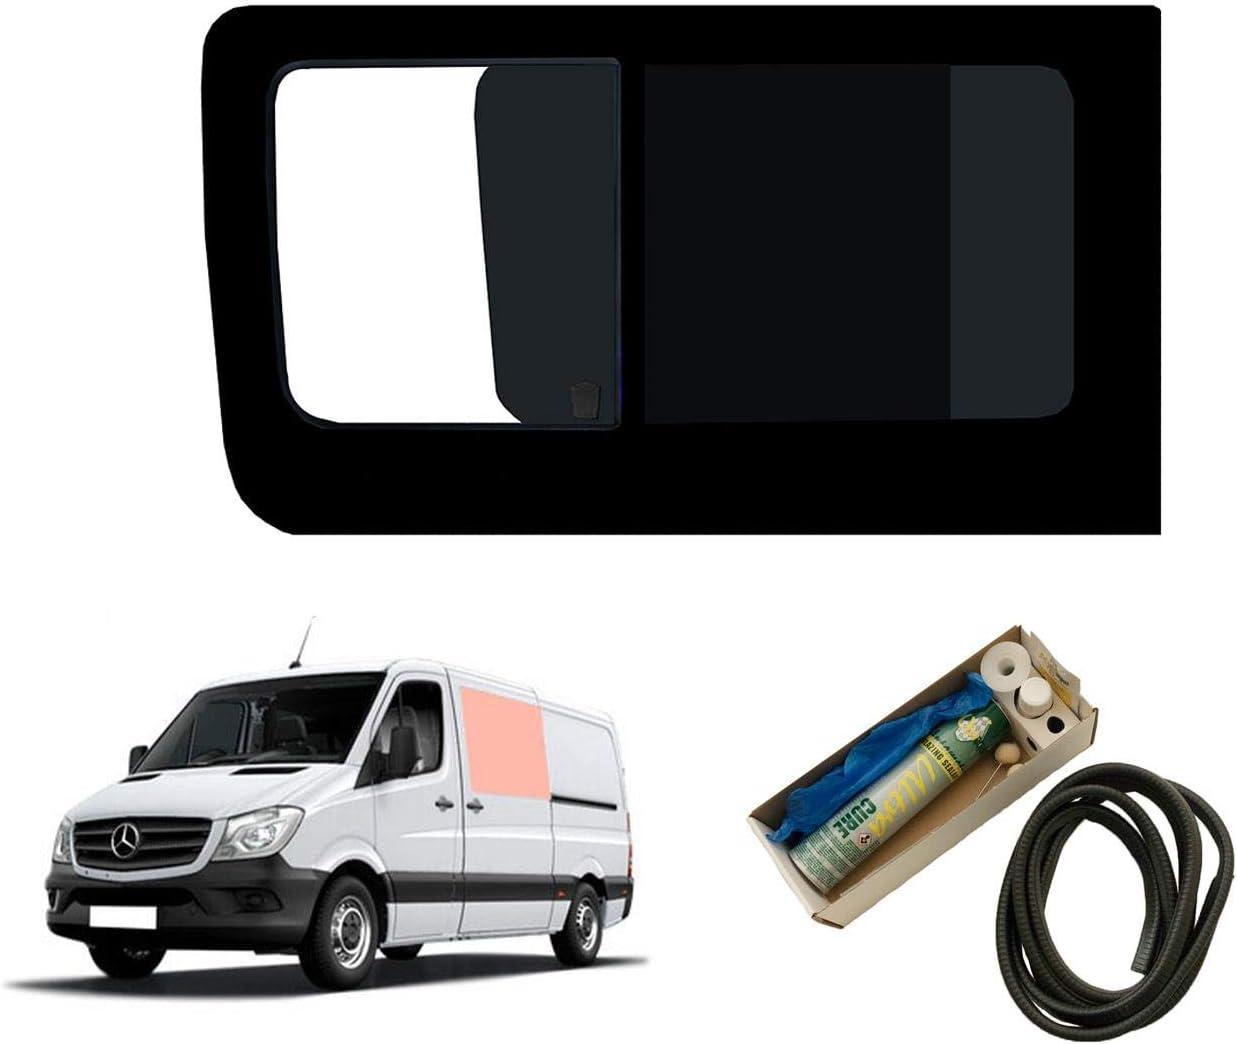 Mano izquierda ventana abatible para puerta corredera, tintado oscuro para Mercedes Sprinter (2006 on): Amazon.es: Coche y moto